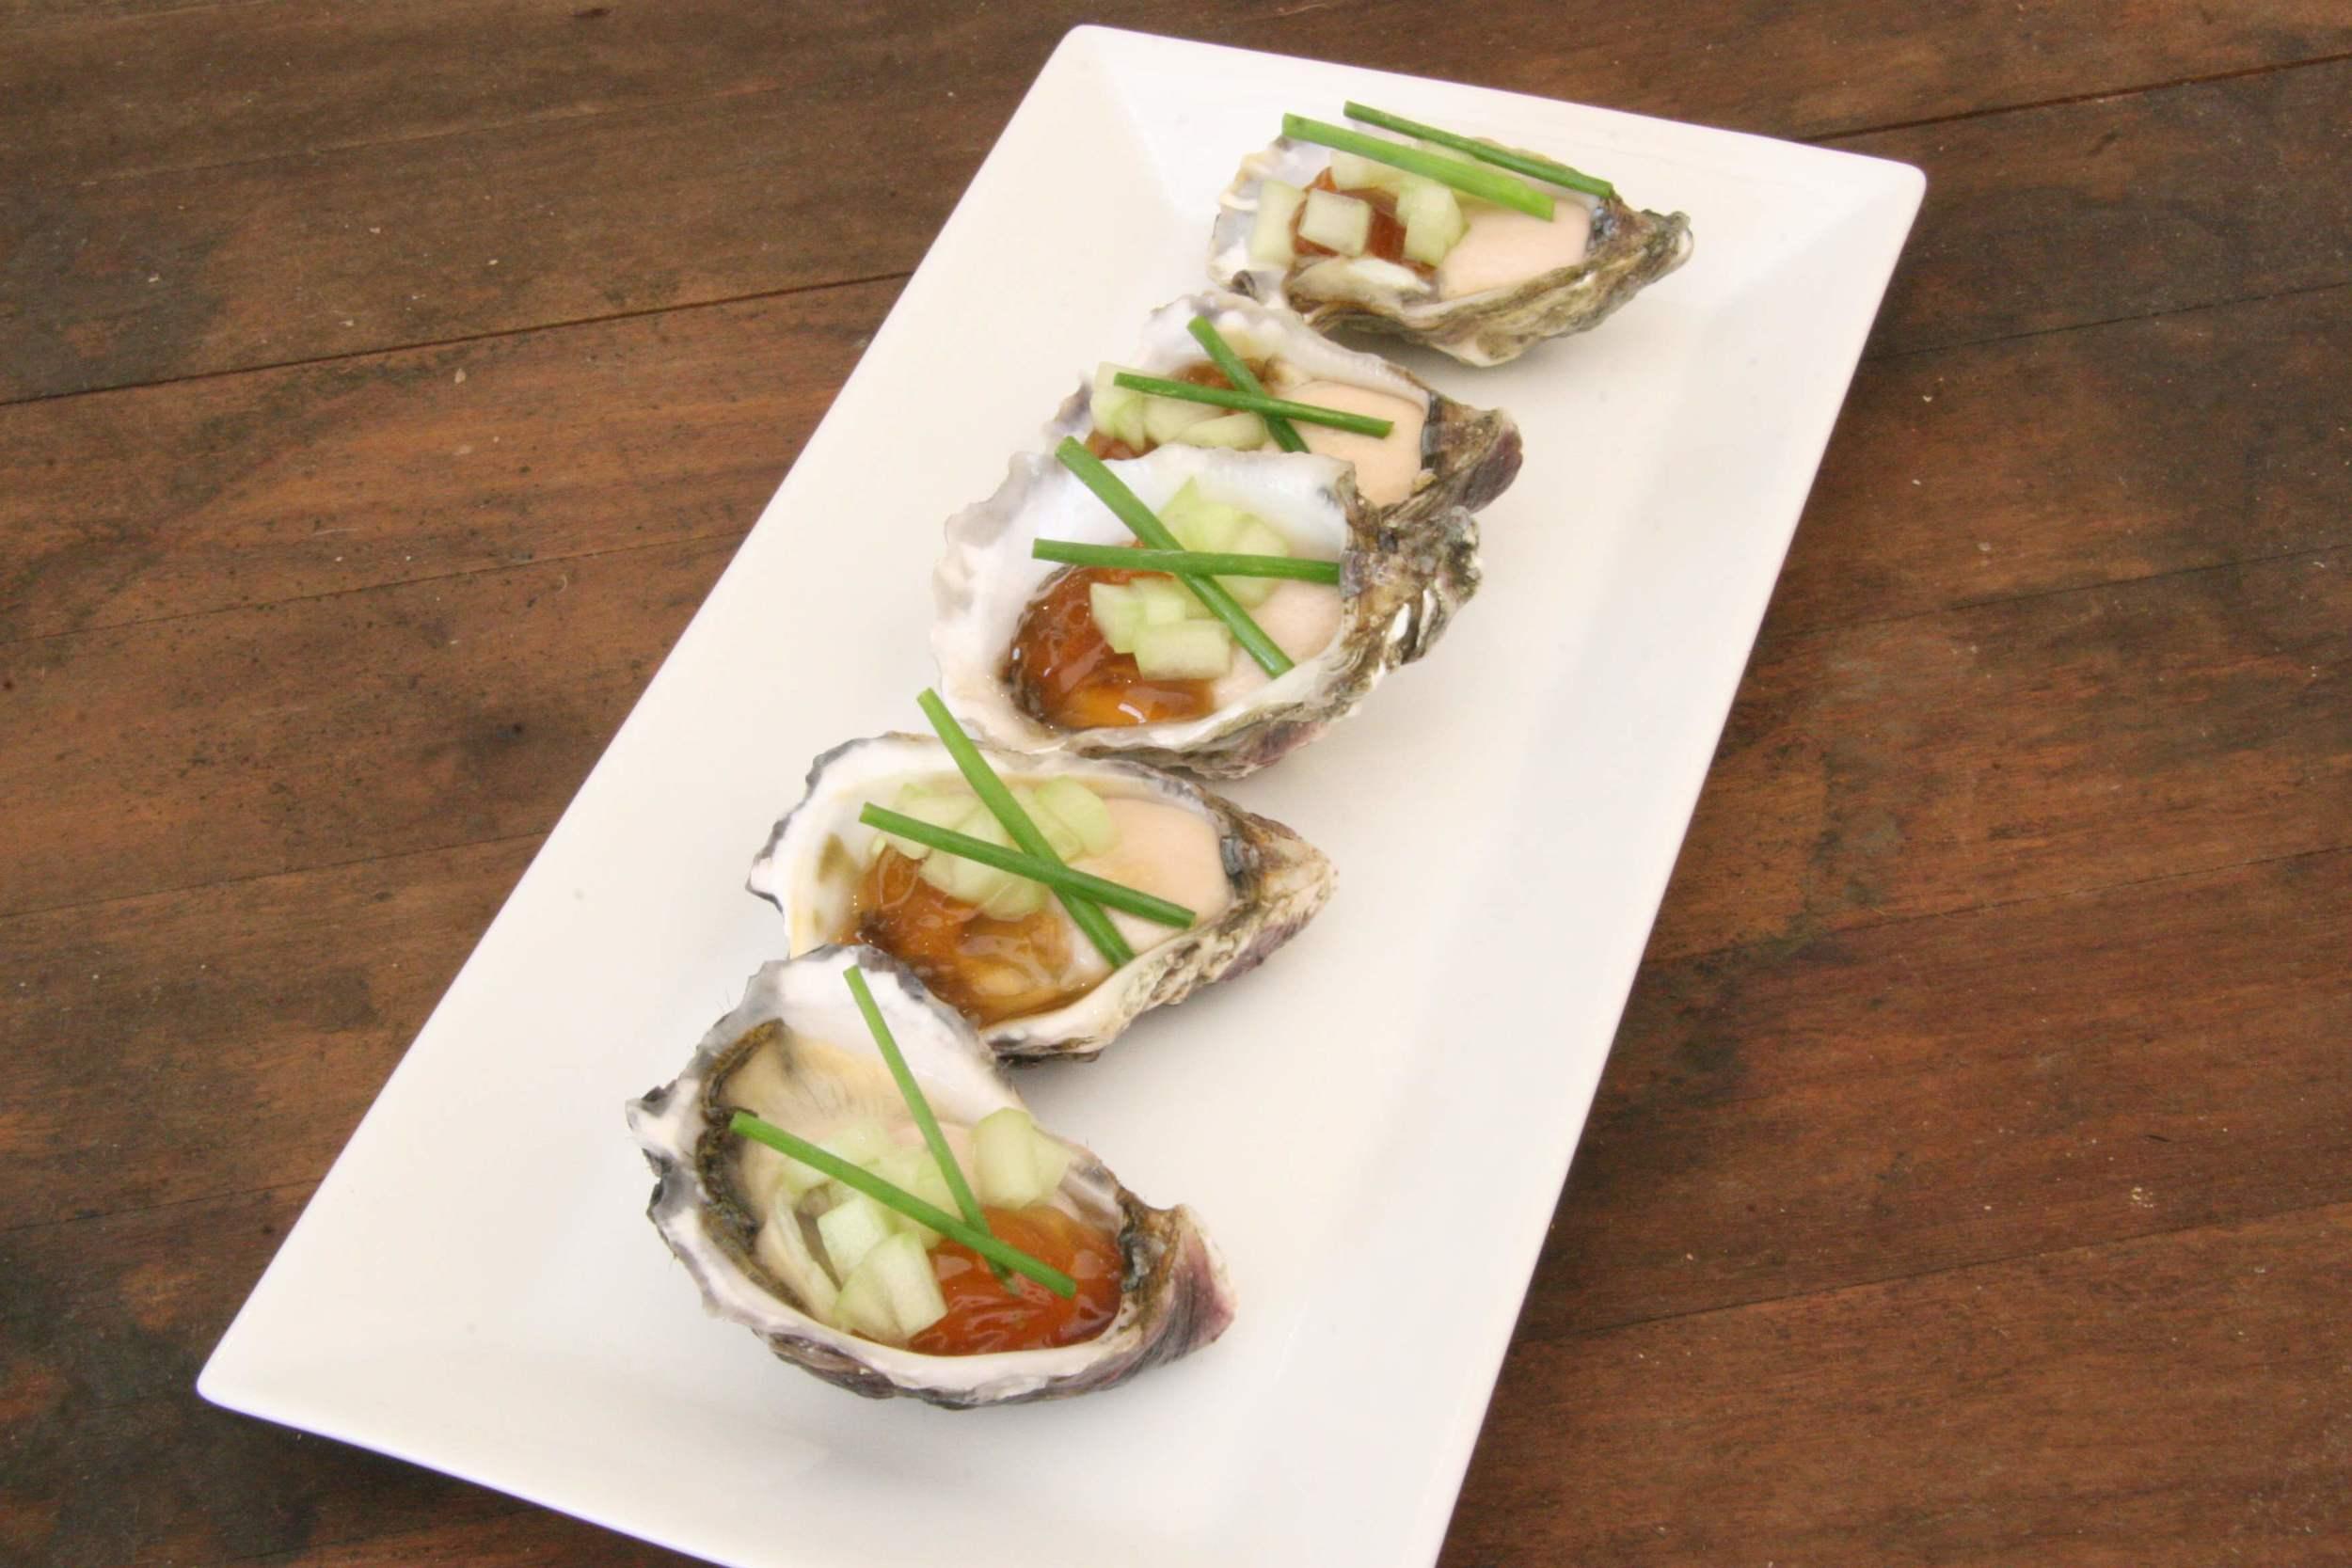 yuzu cucumber oyster.jpg